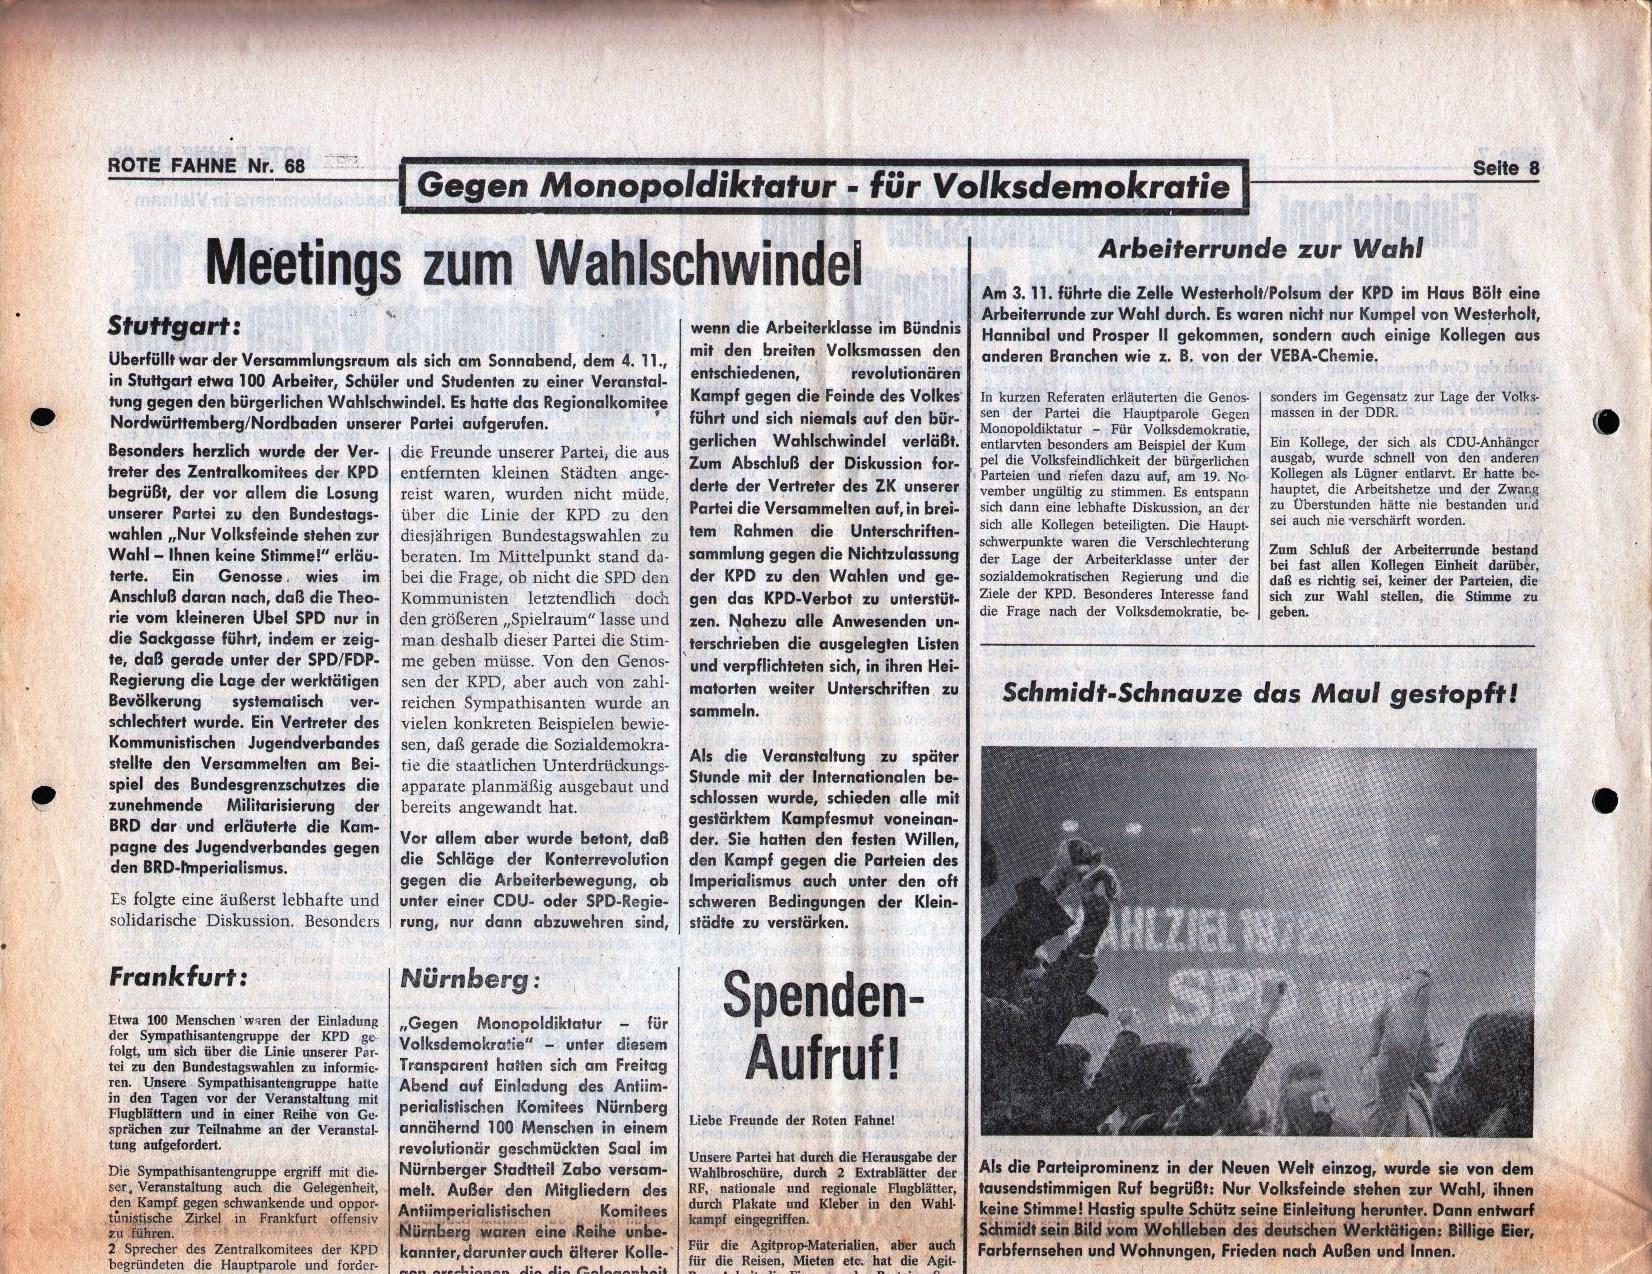 KPD_Rote_Fahne_1972_68_15